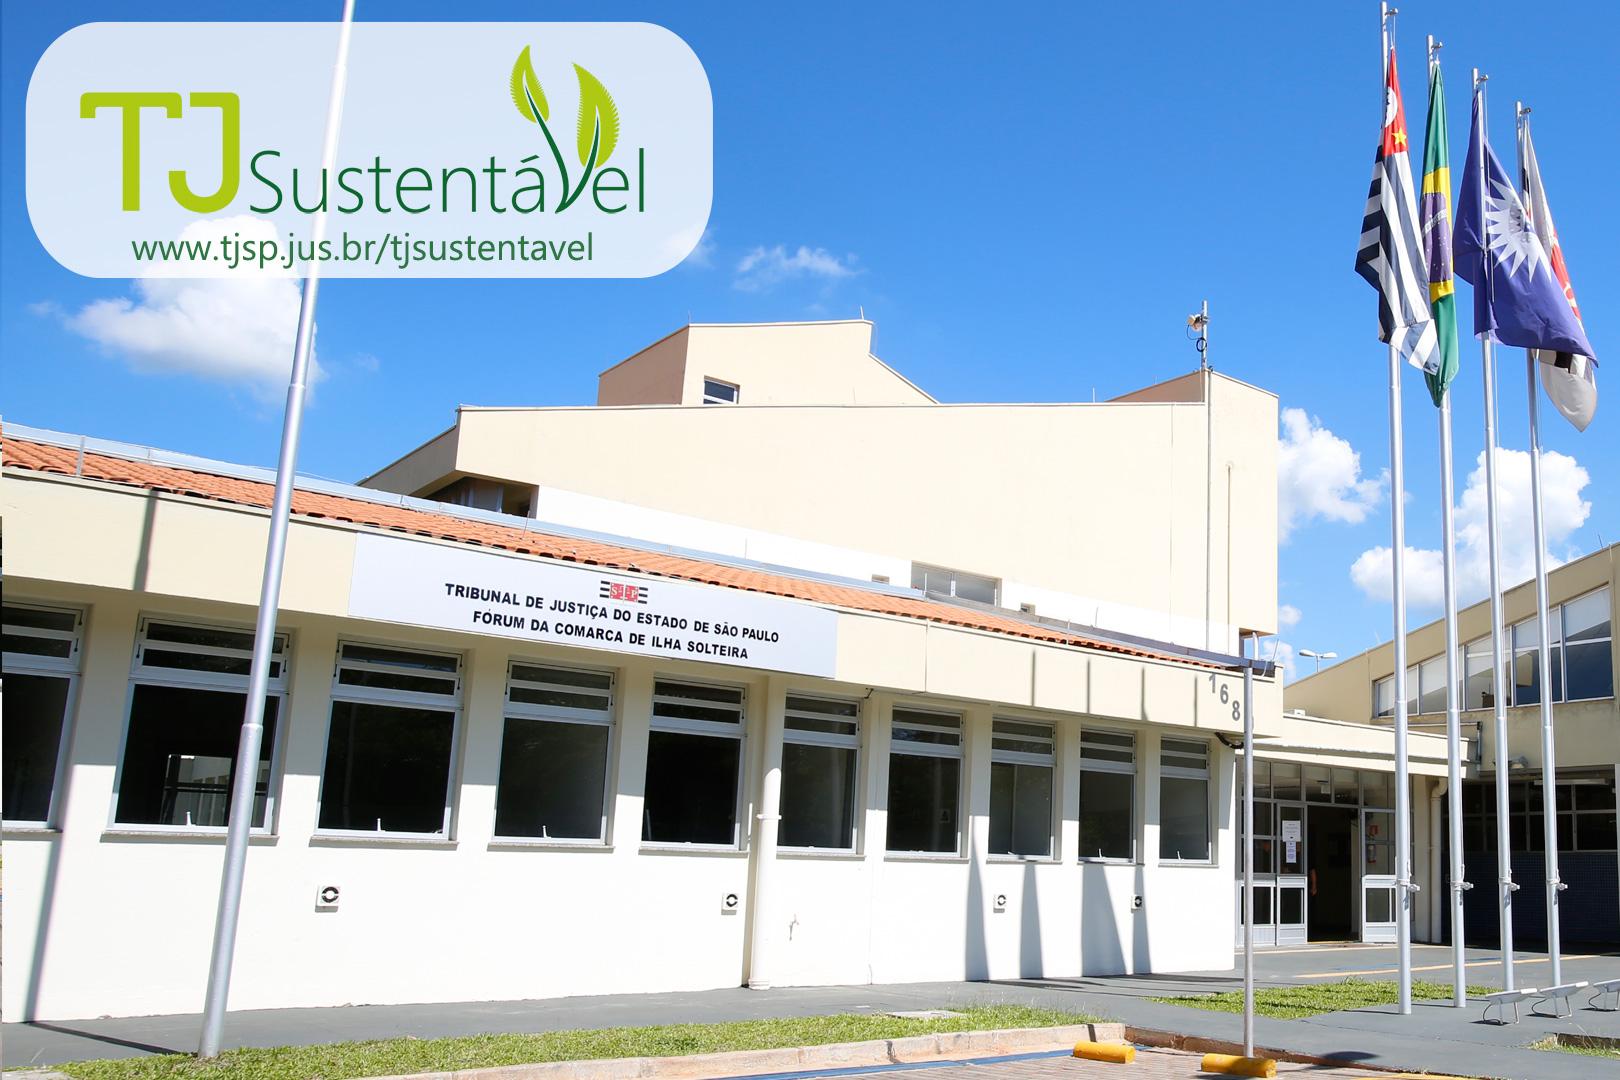 Ilha Solteira permanece na liderança do TJ Sustentável